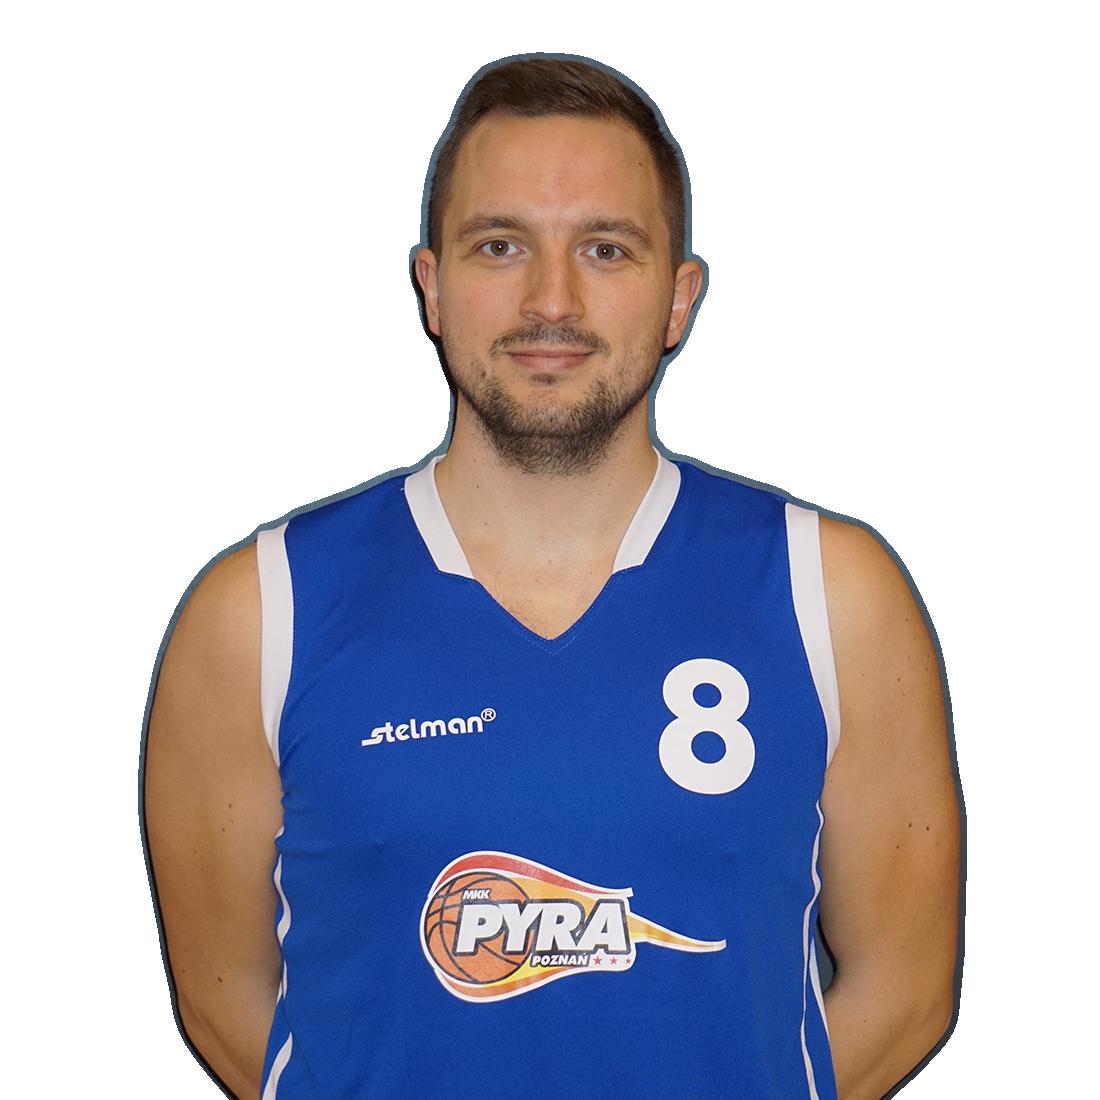 Jakub Czwakiel